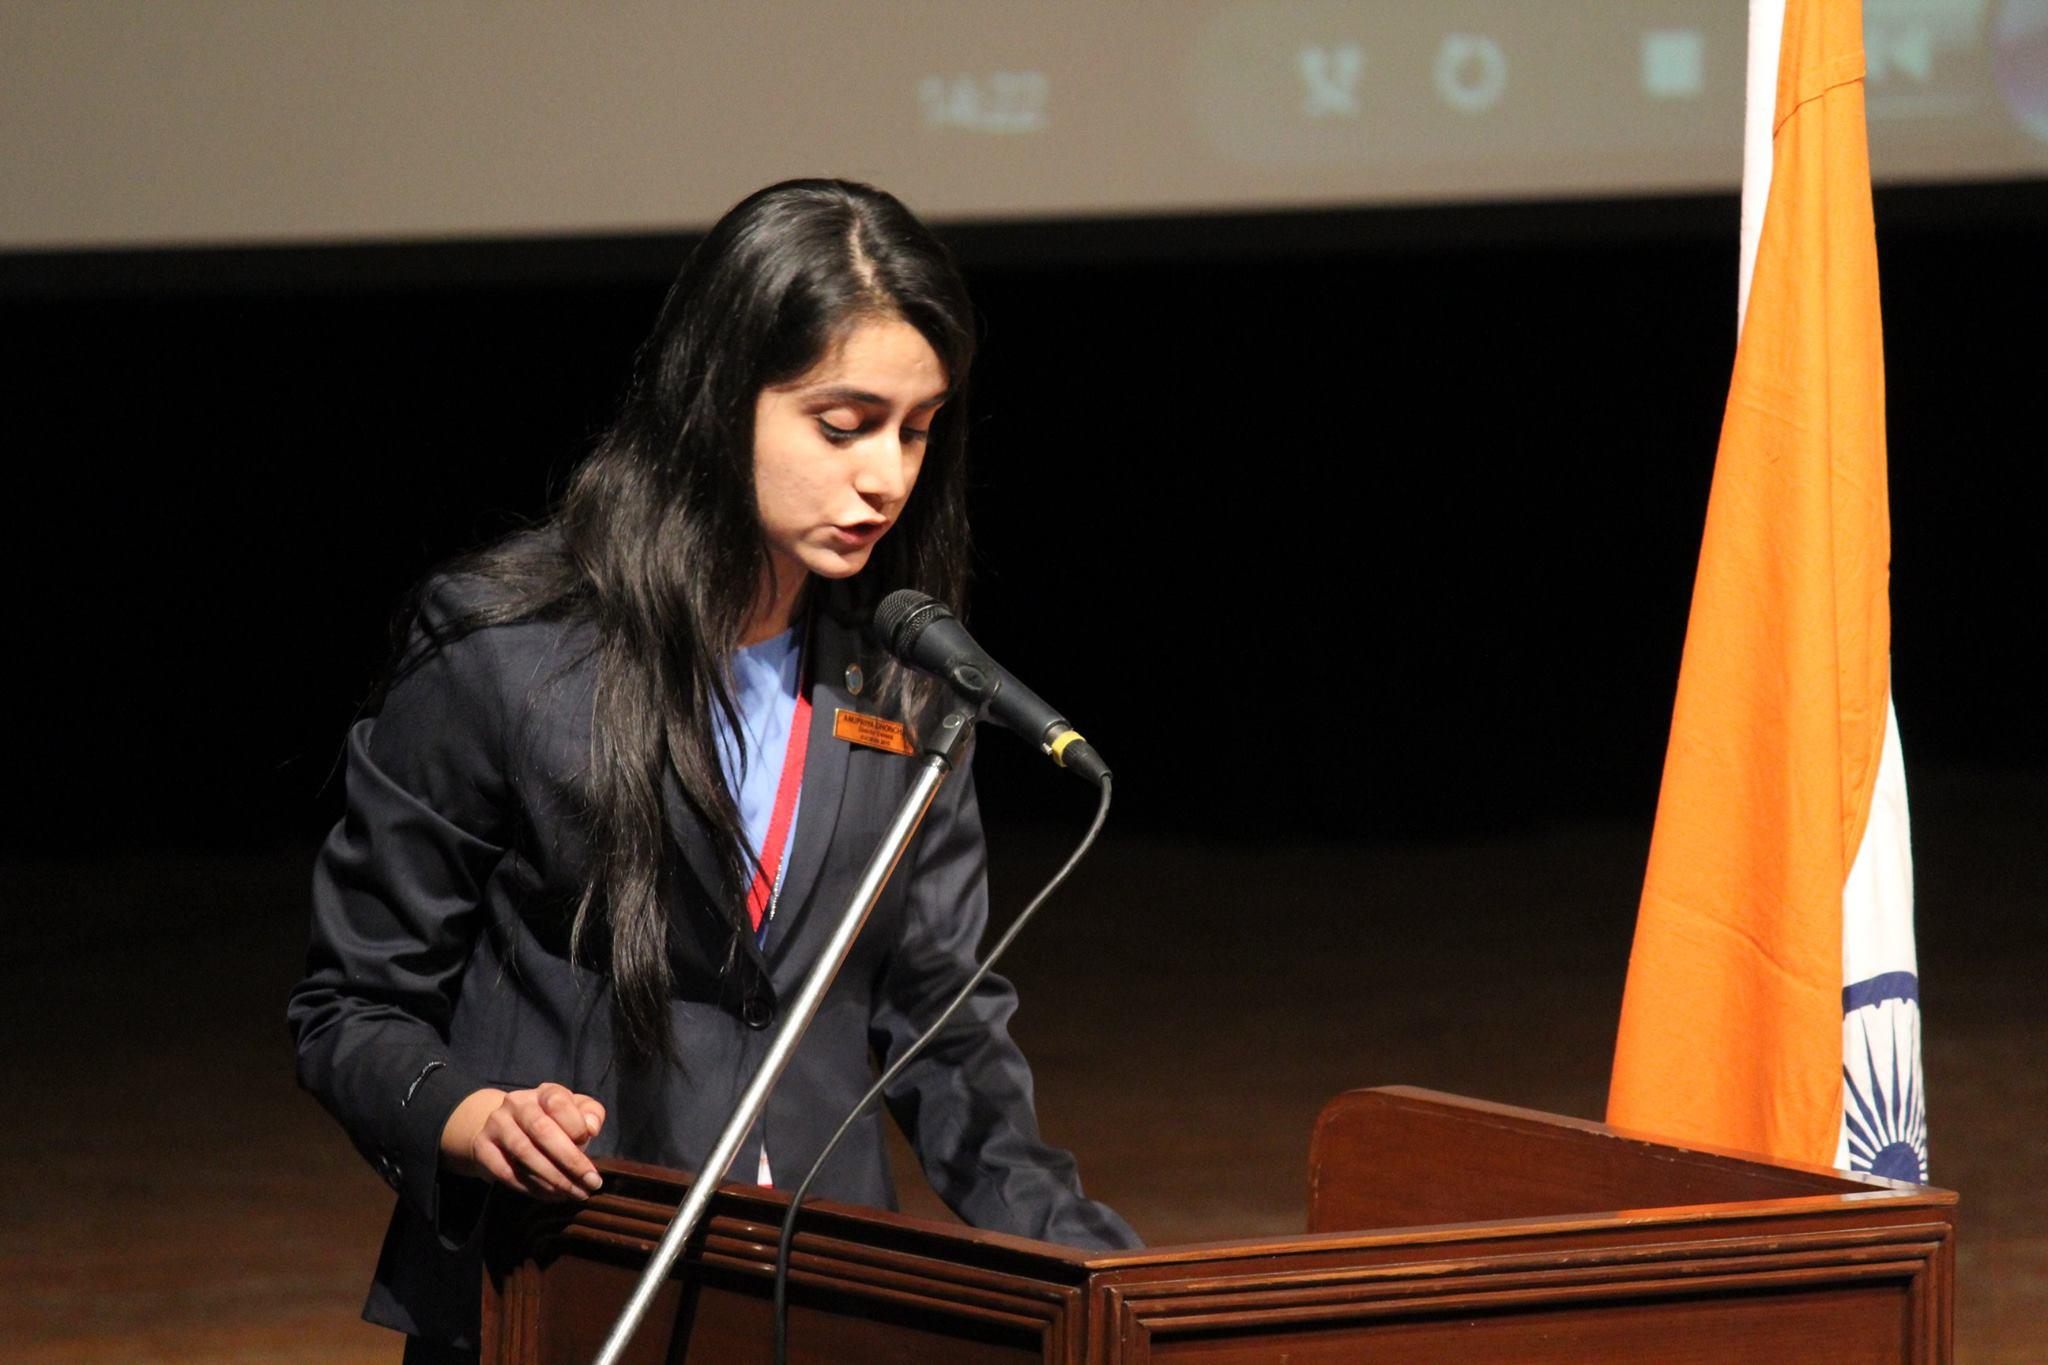 Anupriya Dhonchak - National Law University, Delhi